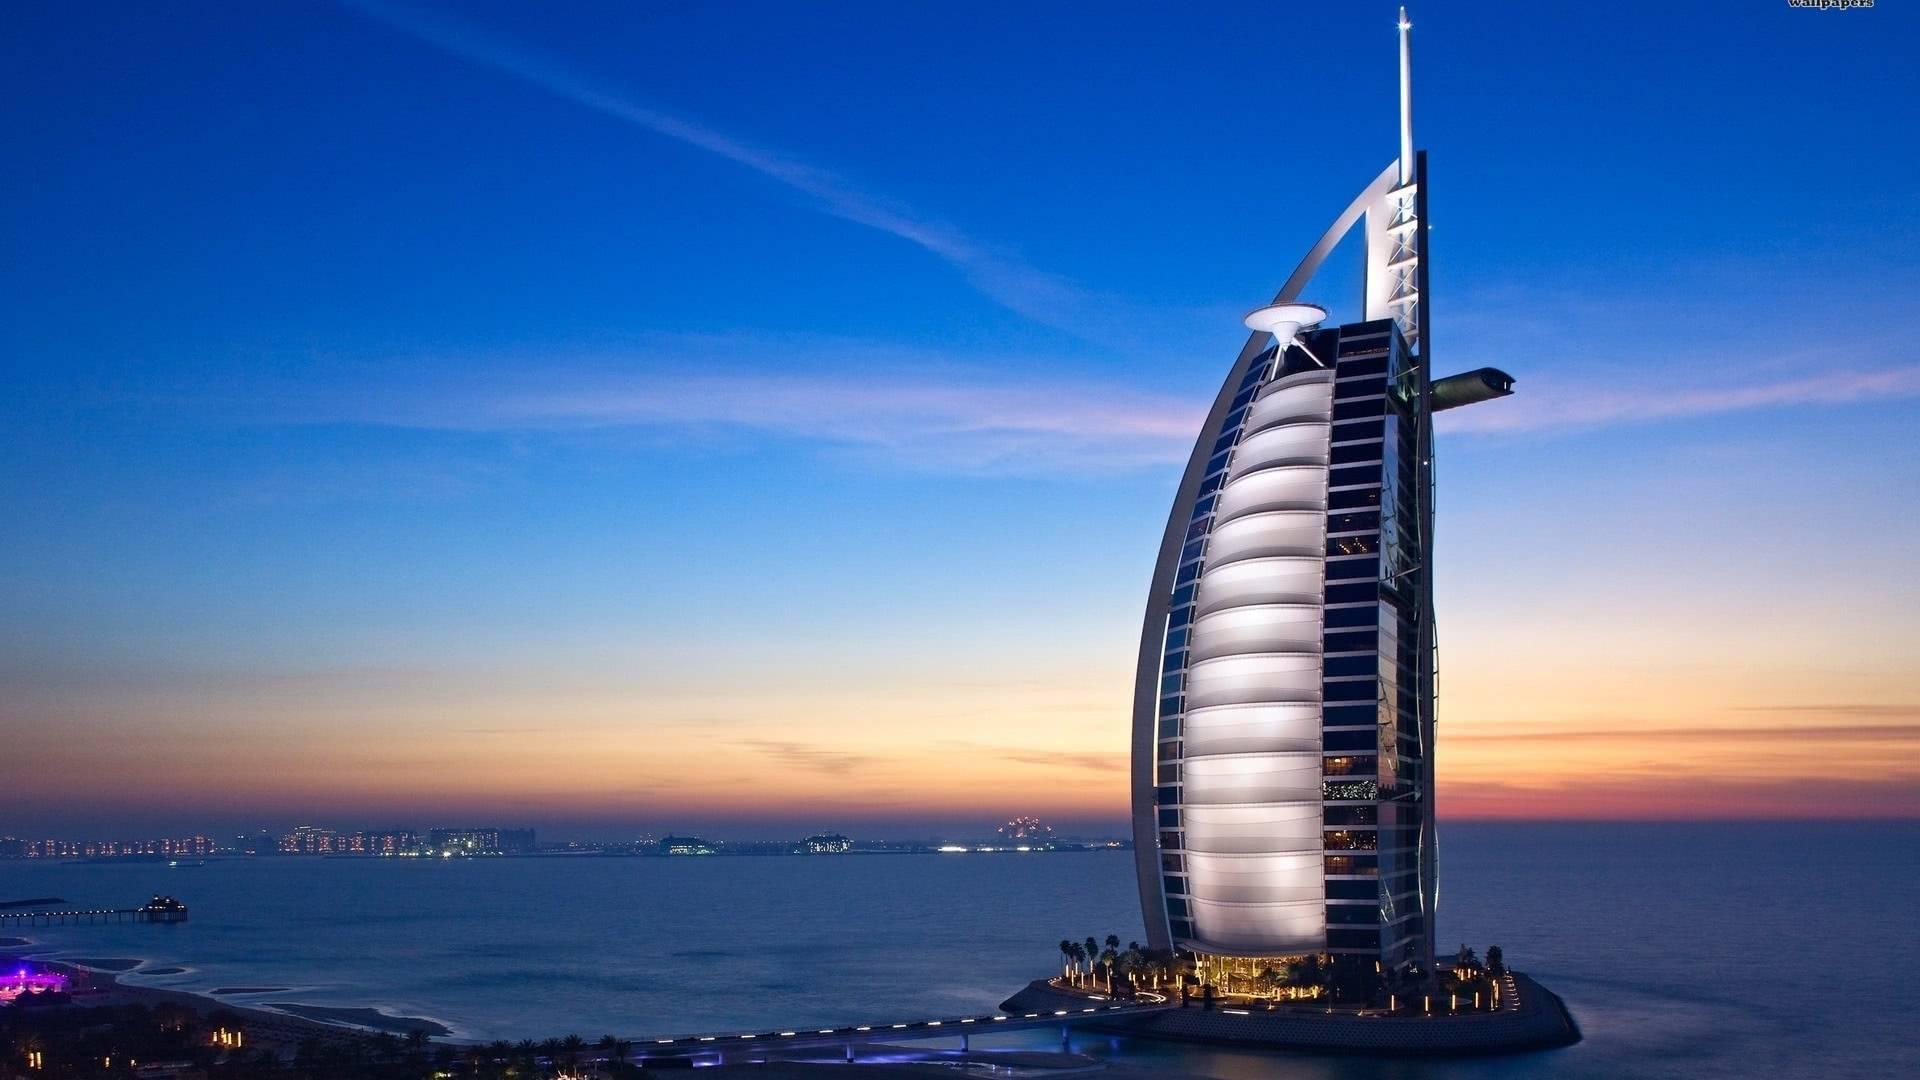 世界上最奢侈的酒店,住一晚要40万,碾压帆船酒店,被称八星级